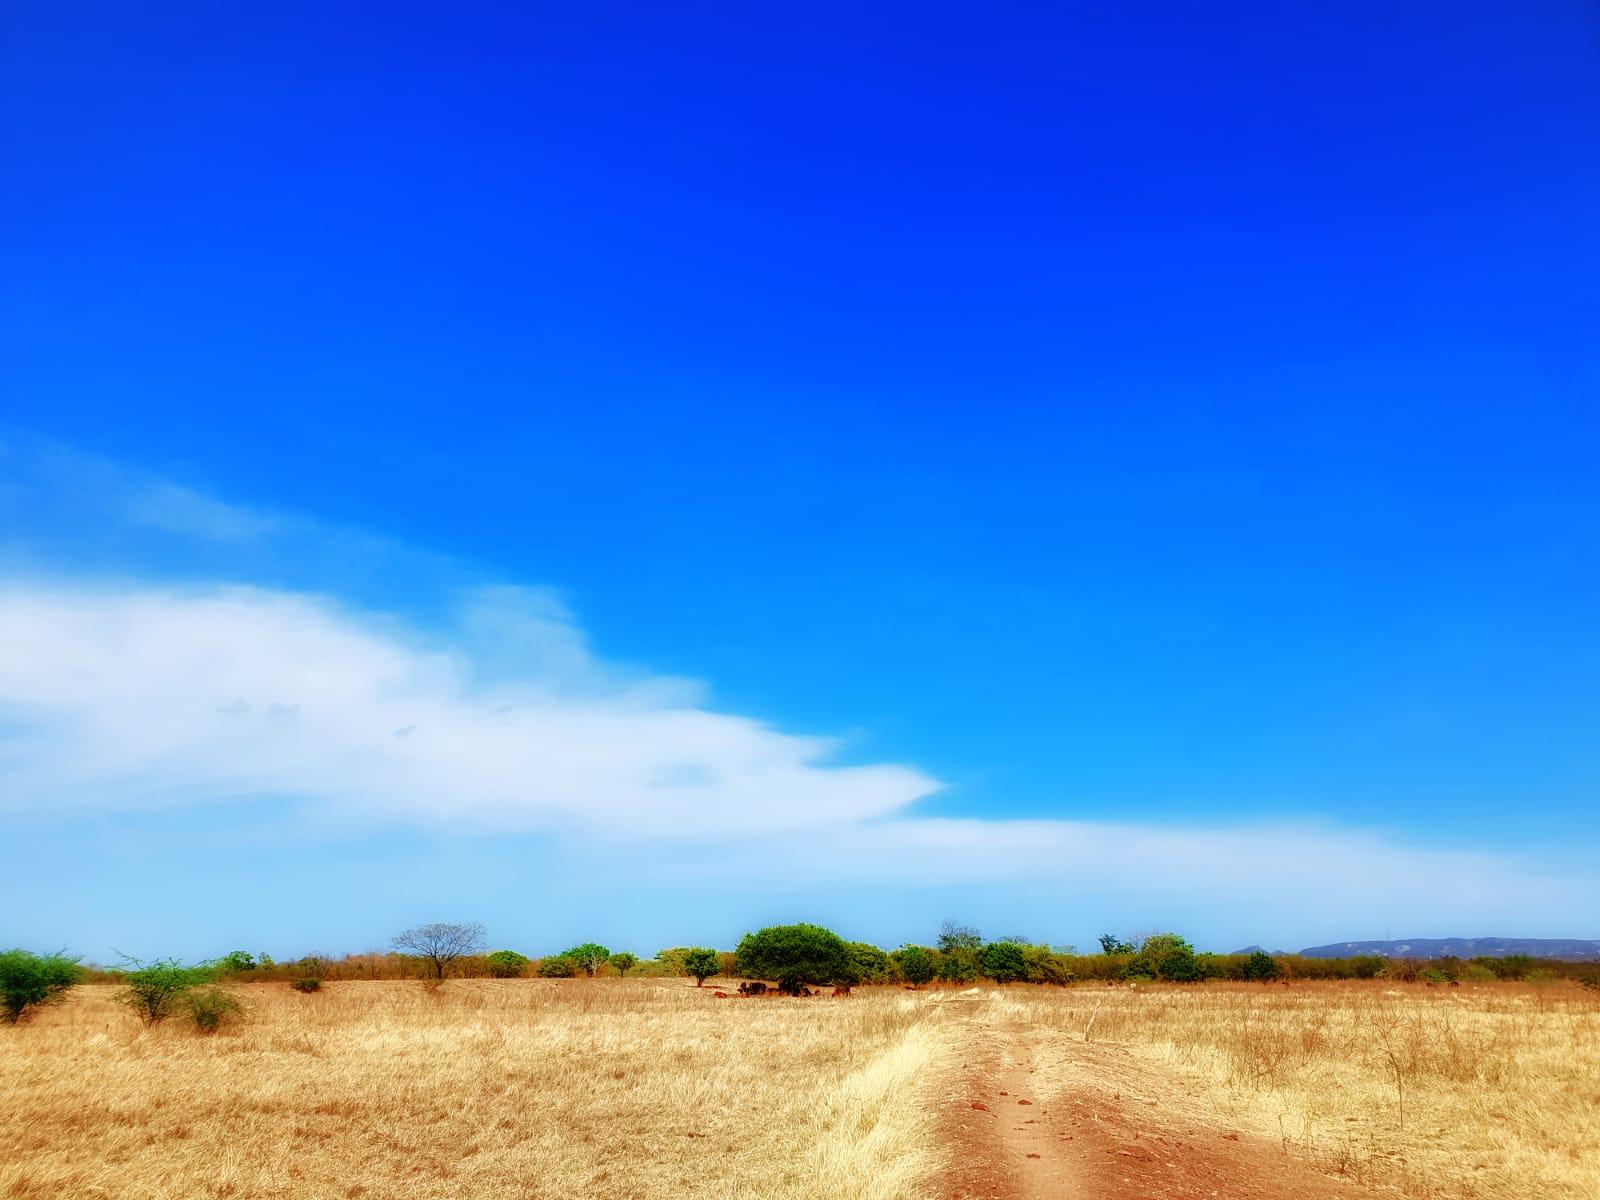 Poucas nuvens, tempo seco e rajadas de até 50 km/h são esperados neste fim de semana